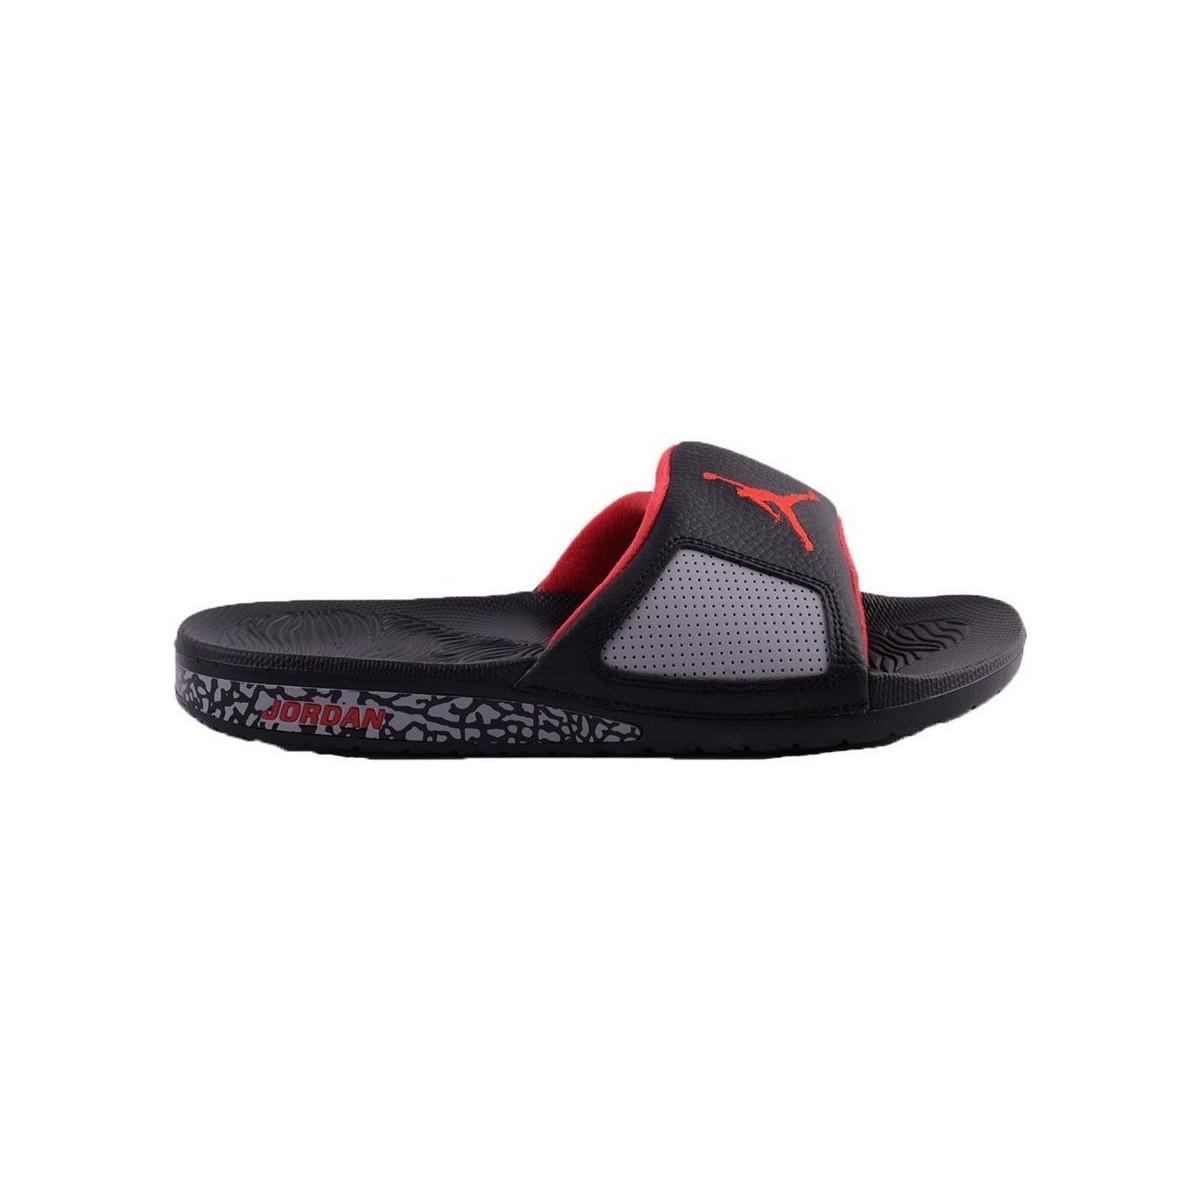 2ffea5aef4c3 Nike Air Jordan Hydro Iii Retro Men s Sandals In Multicolour for Men ...